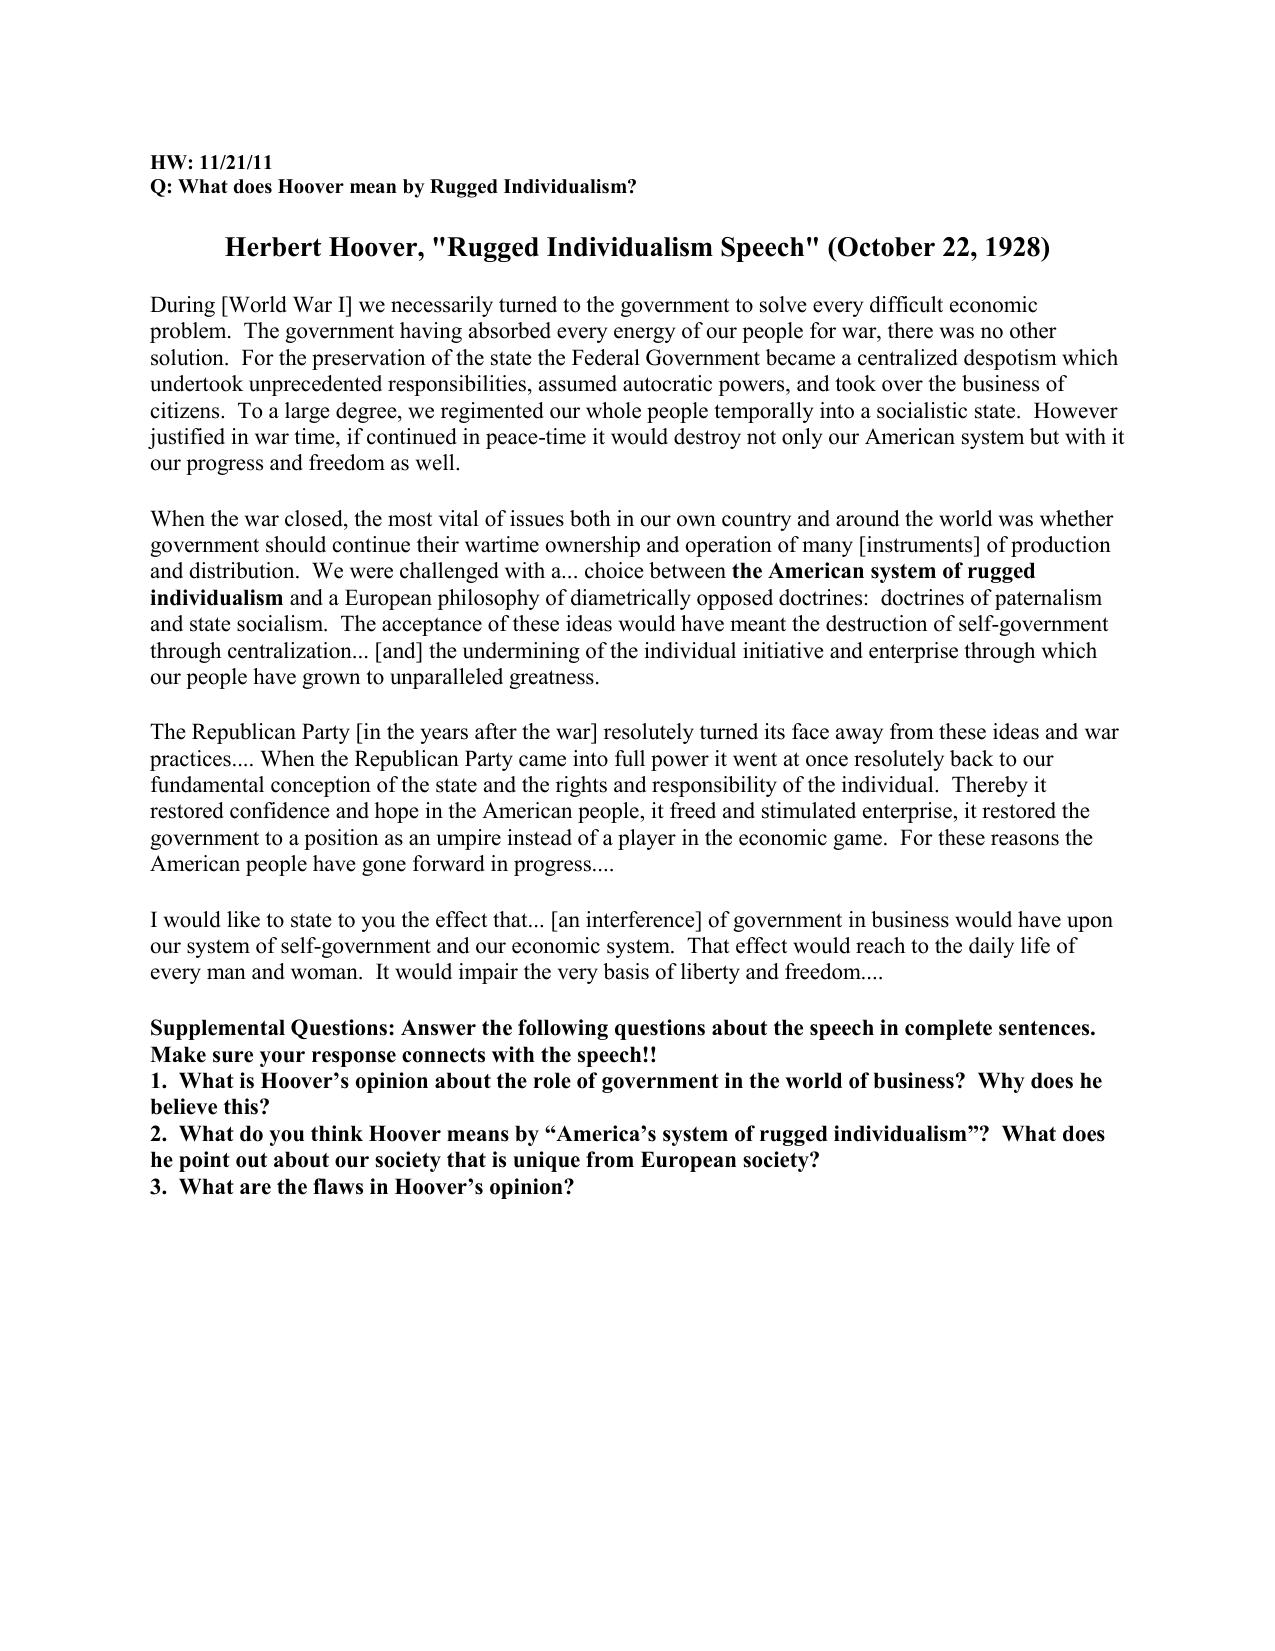 Herbert Hoover Rugged Individualism